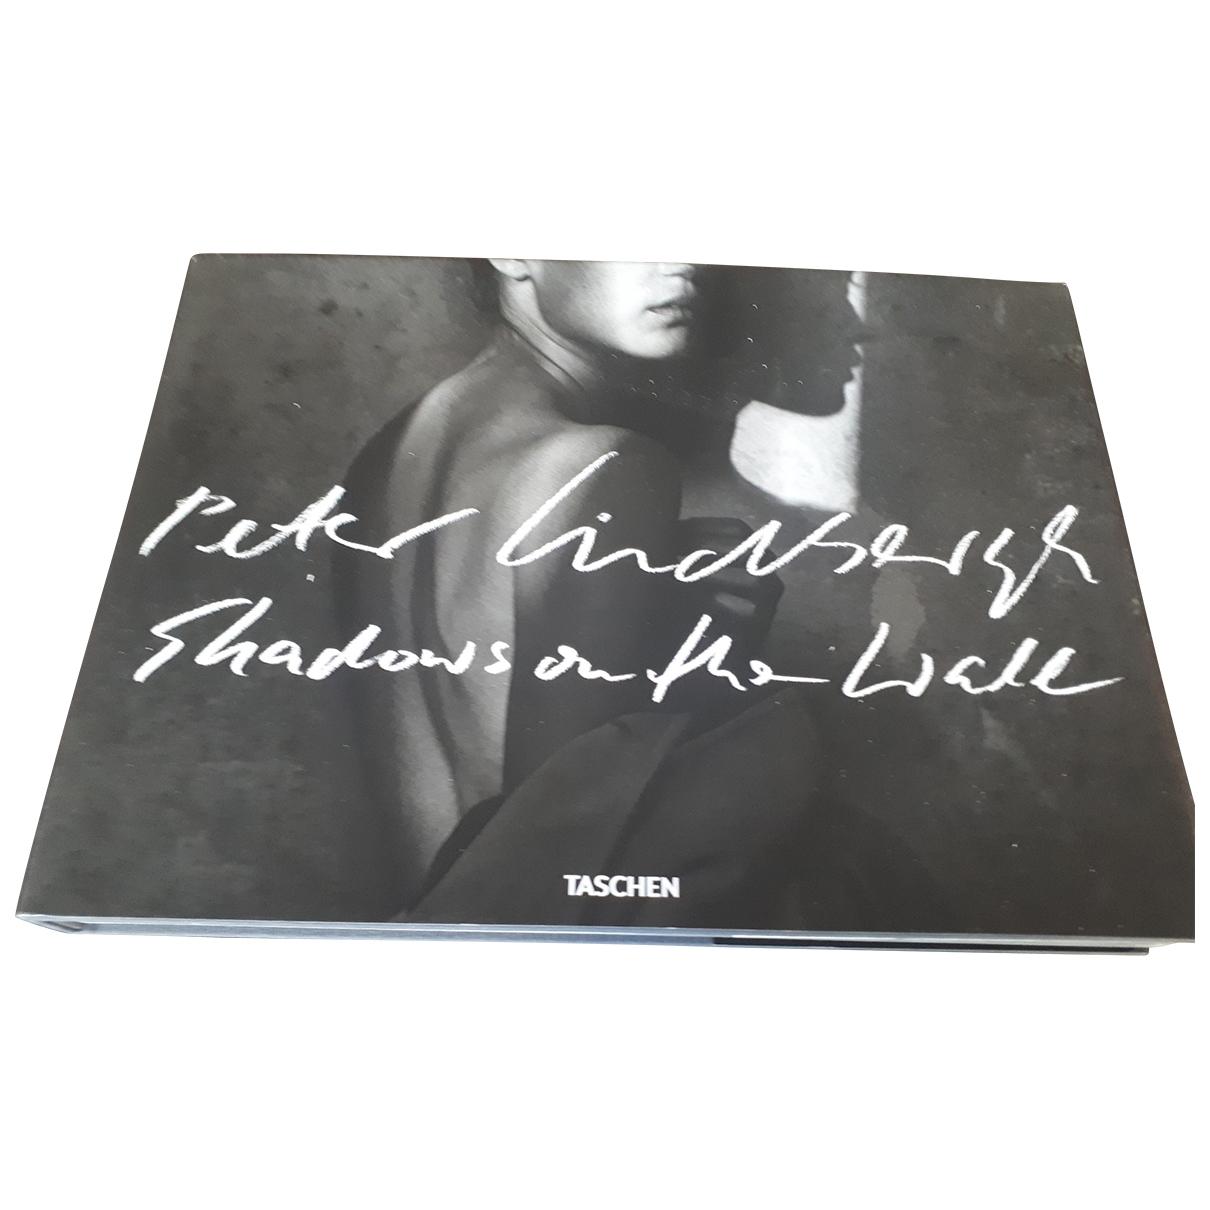 Taschen - Photographie   pour lifestyle en autre - noir